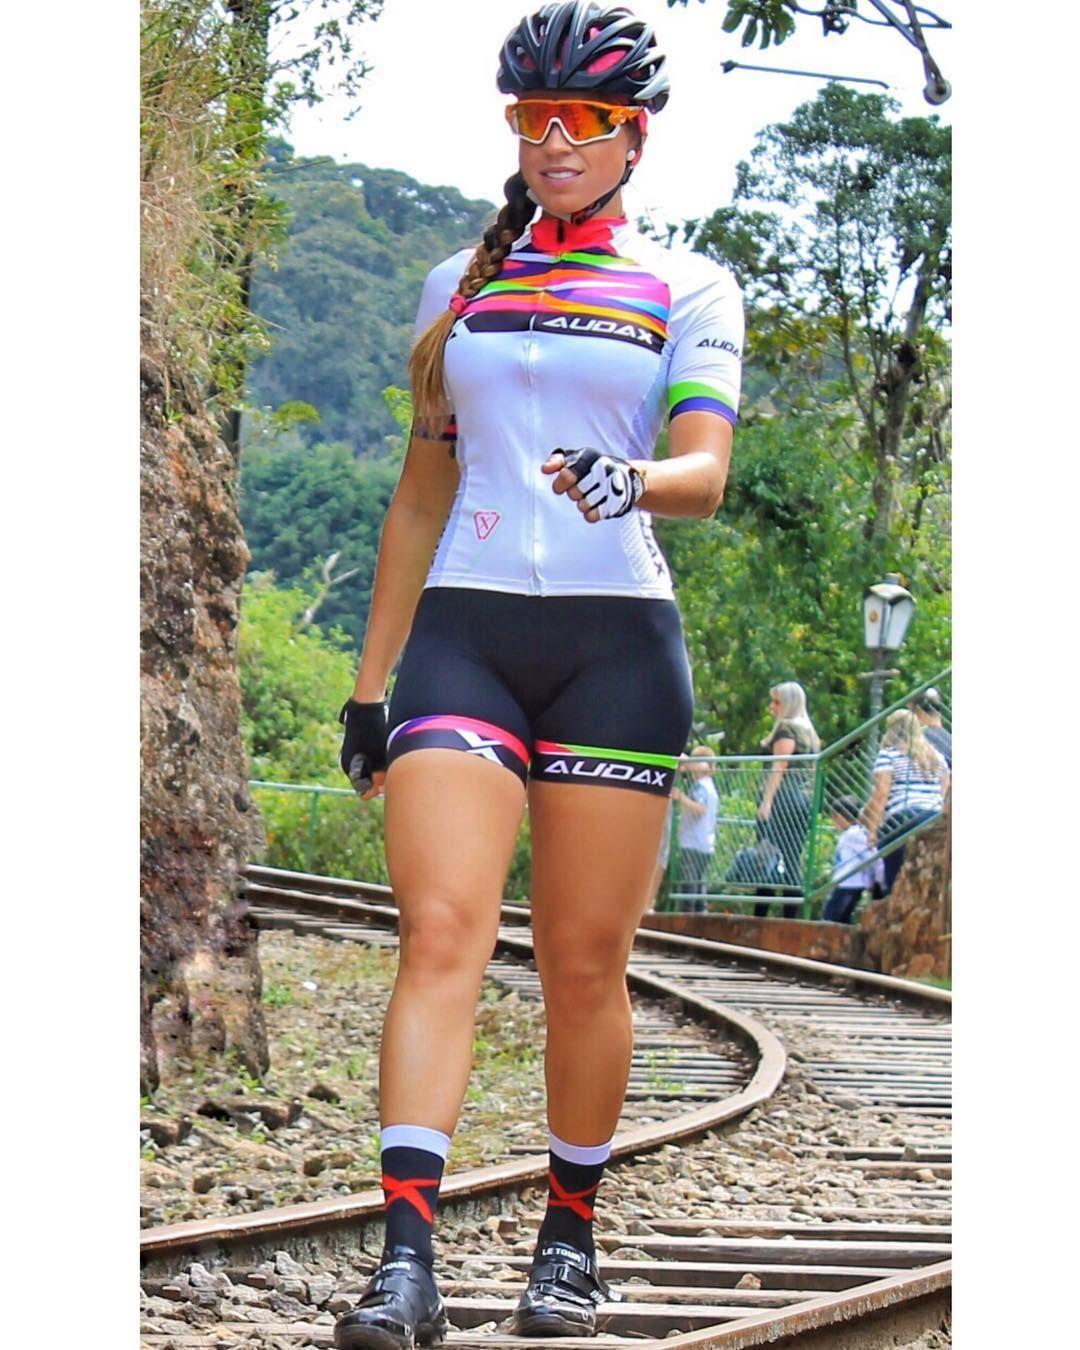 Resultado de imagem para Renata Espindola on bike